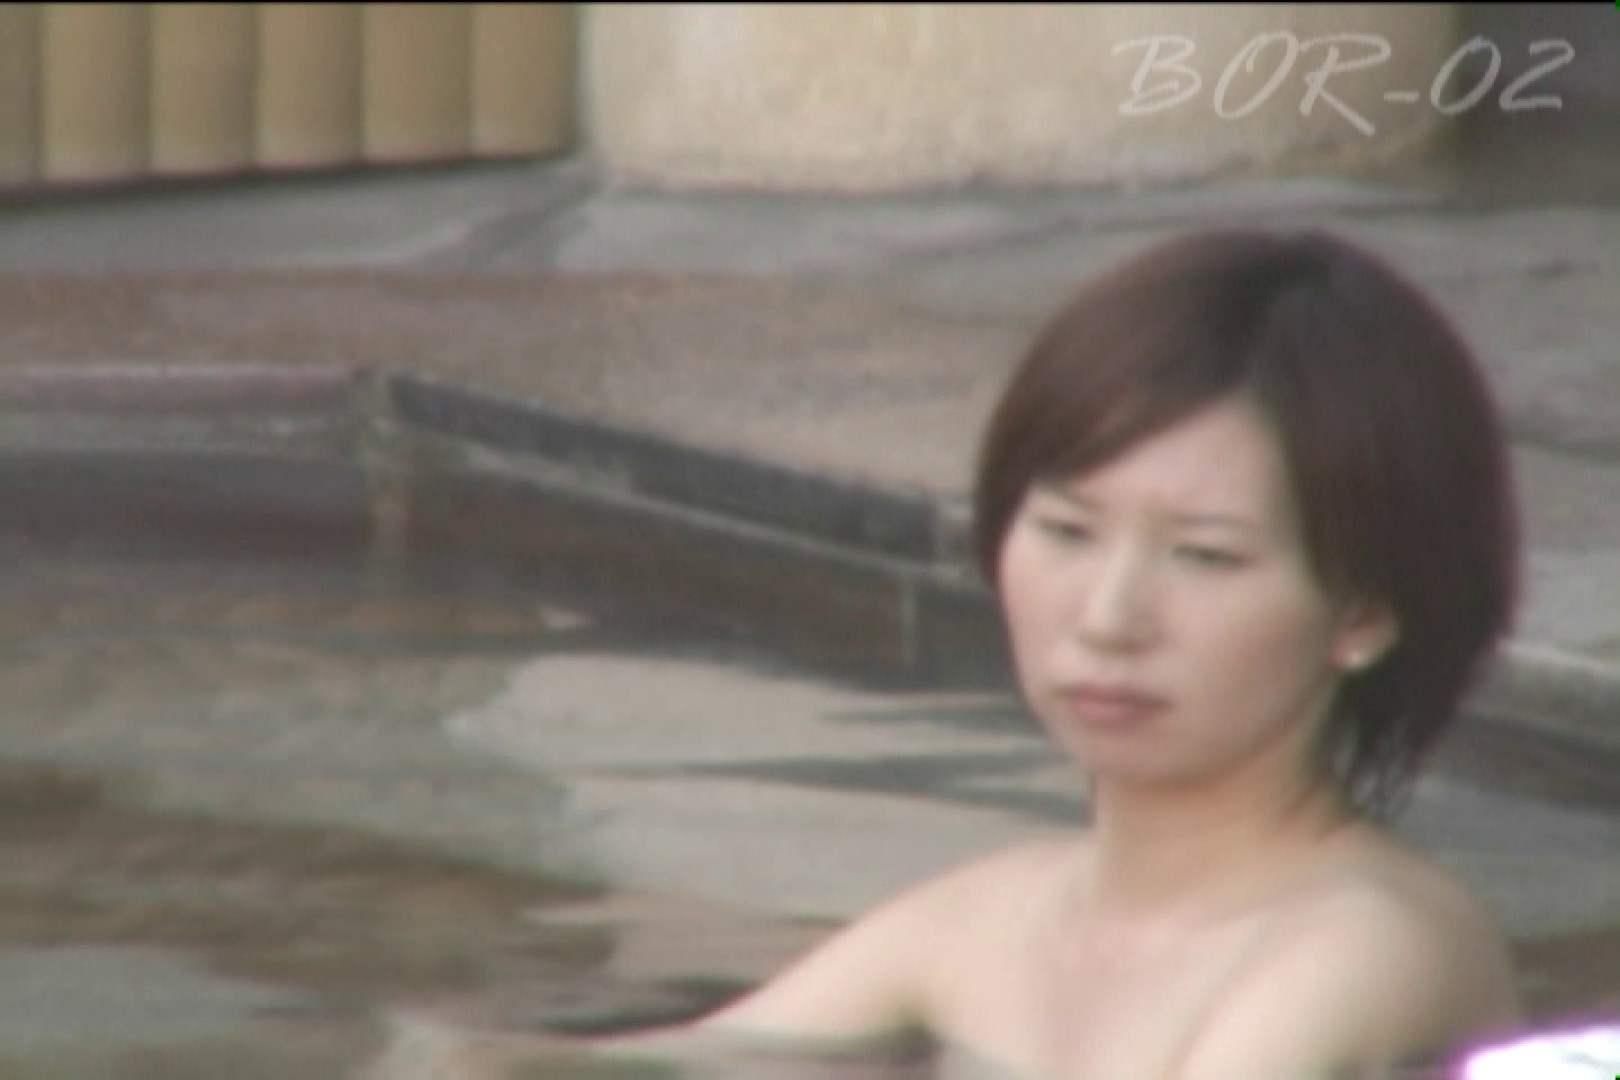 Aquaな露天風呂Vol.475 盗撮 セックス画像 96画像 14